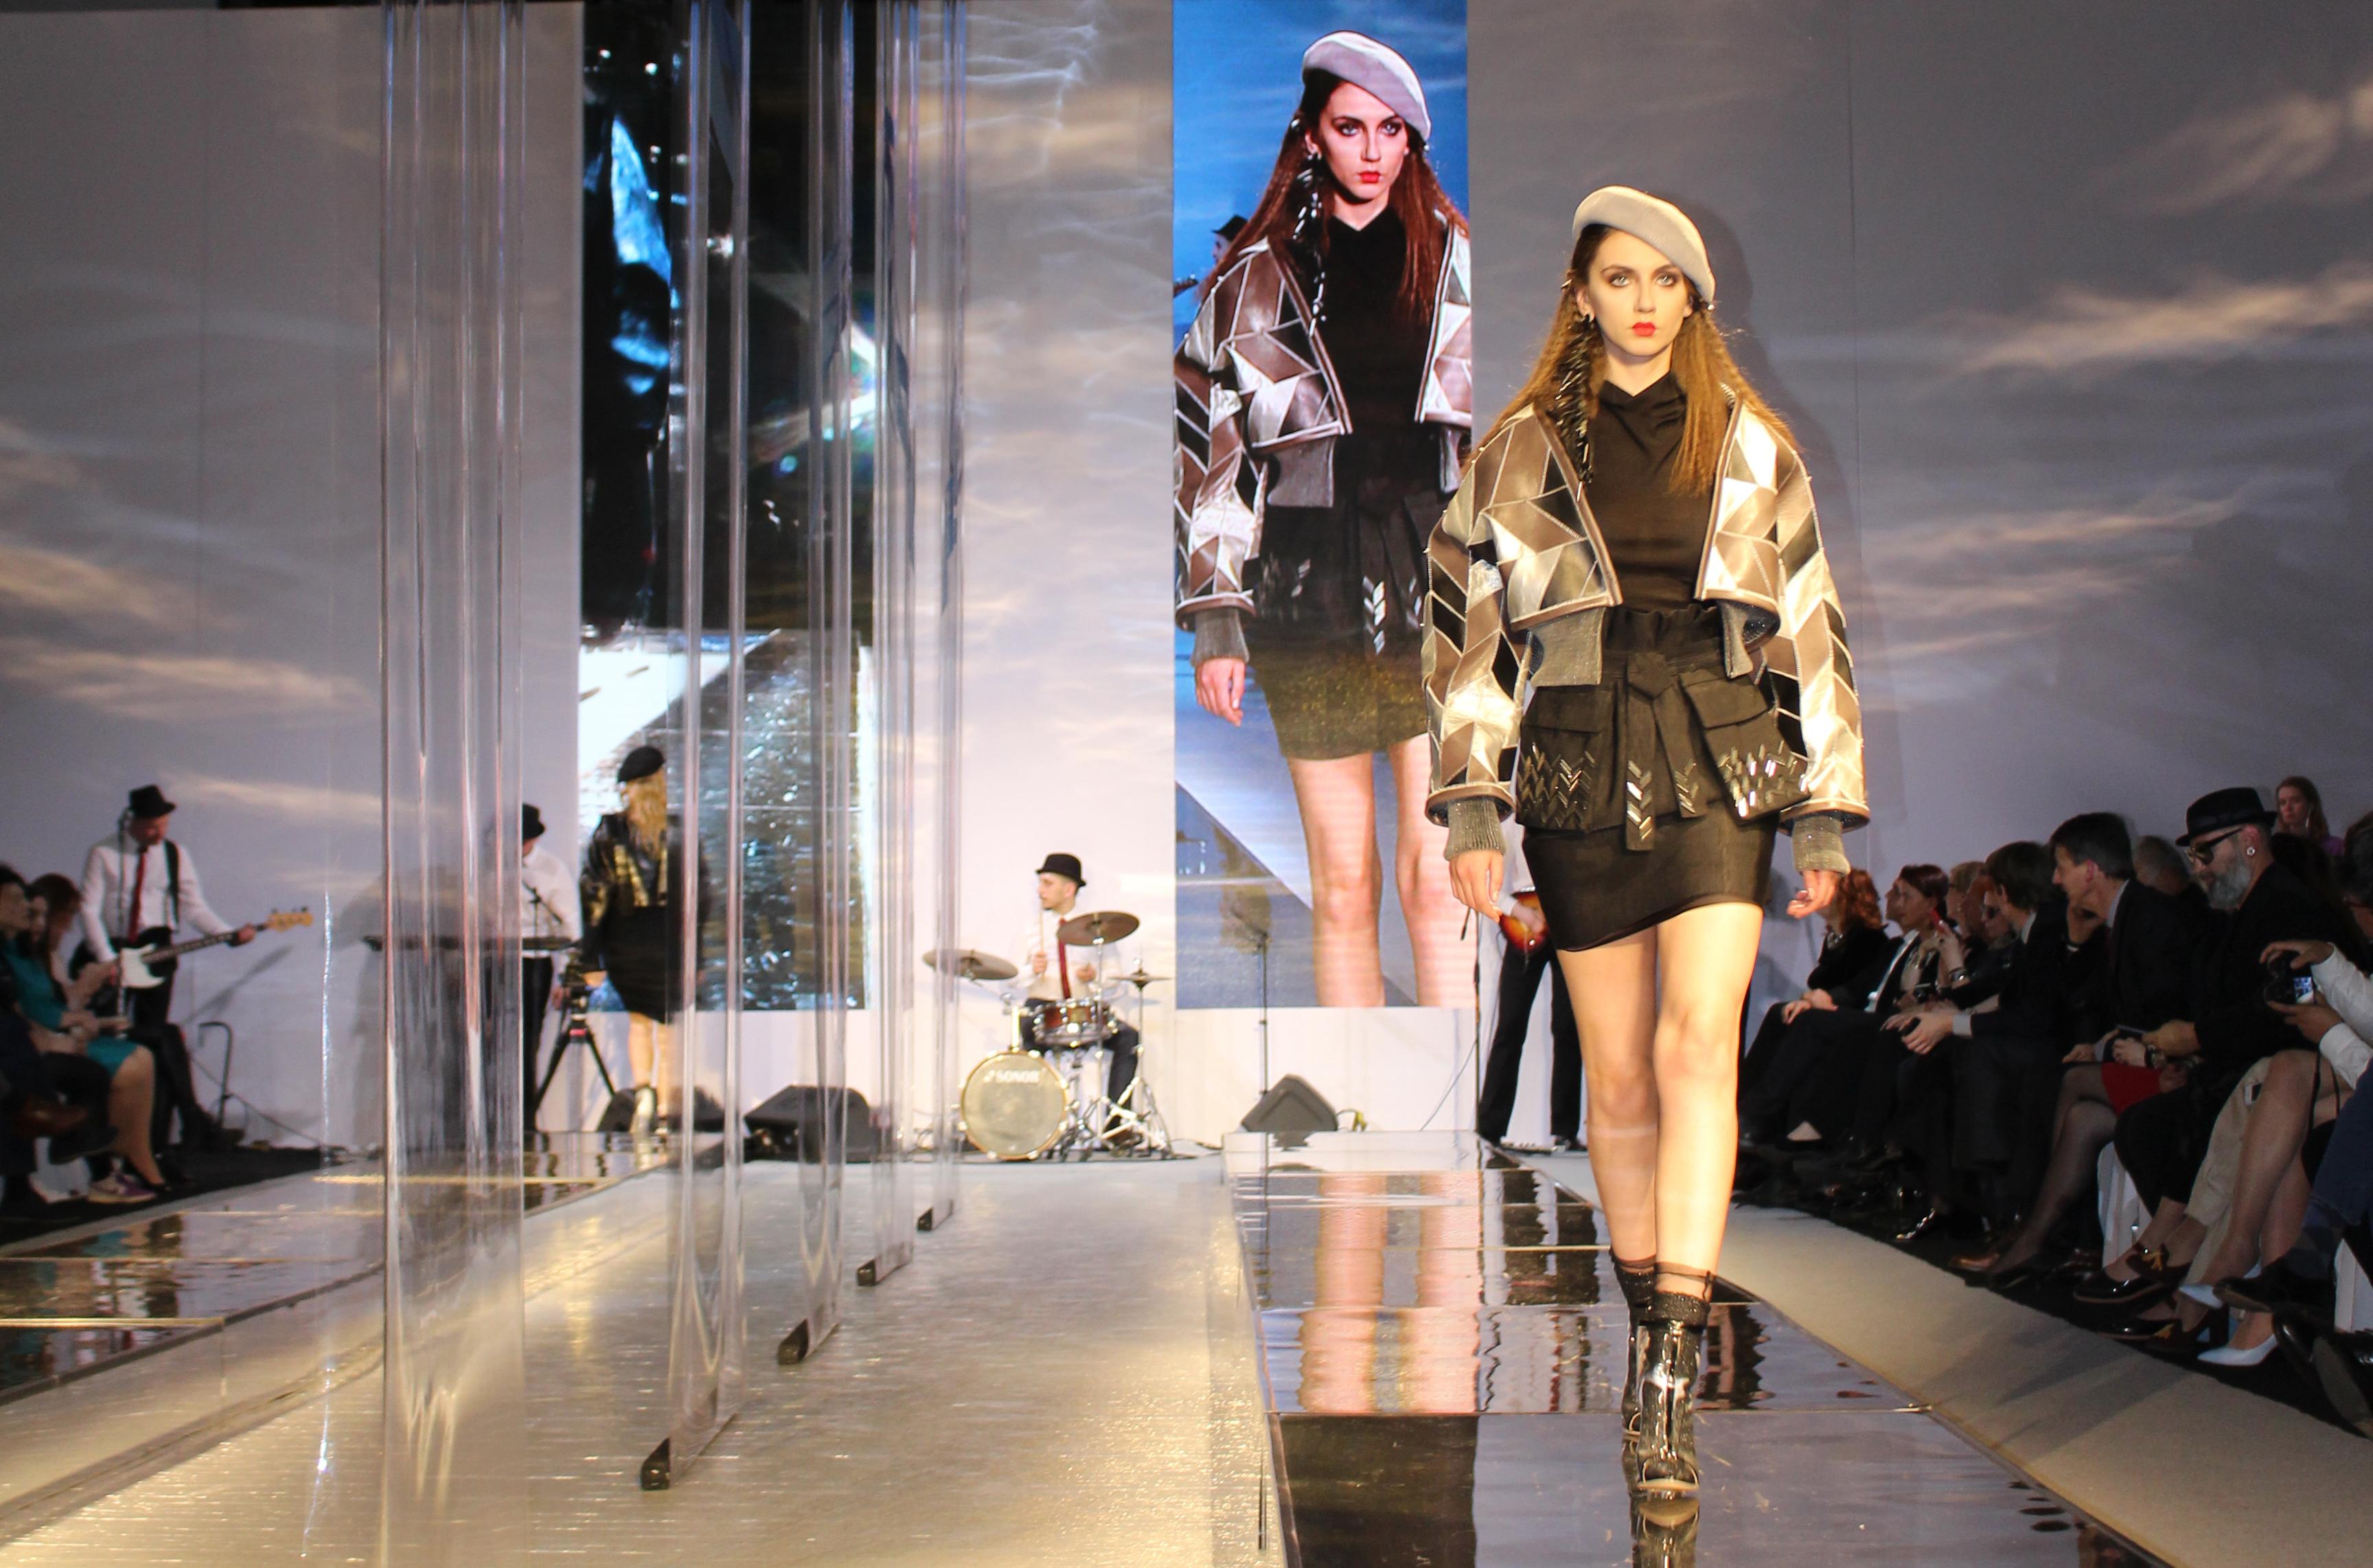 ロシア・サンクトペテルブルクのファッションコンテストで部門賞2位を受賞